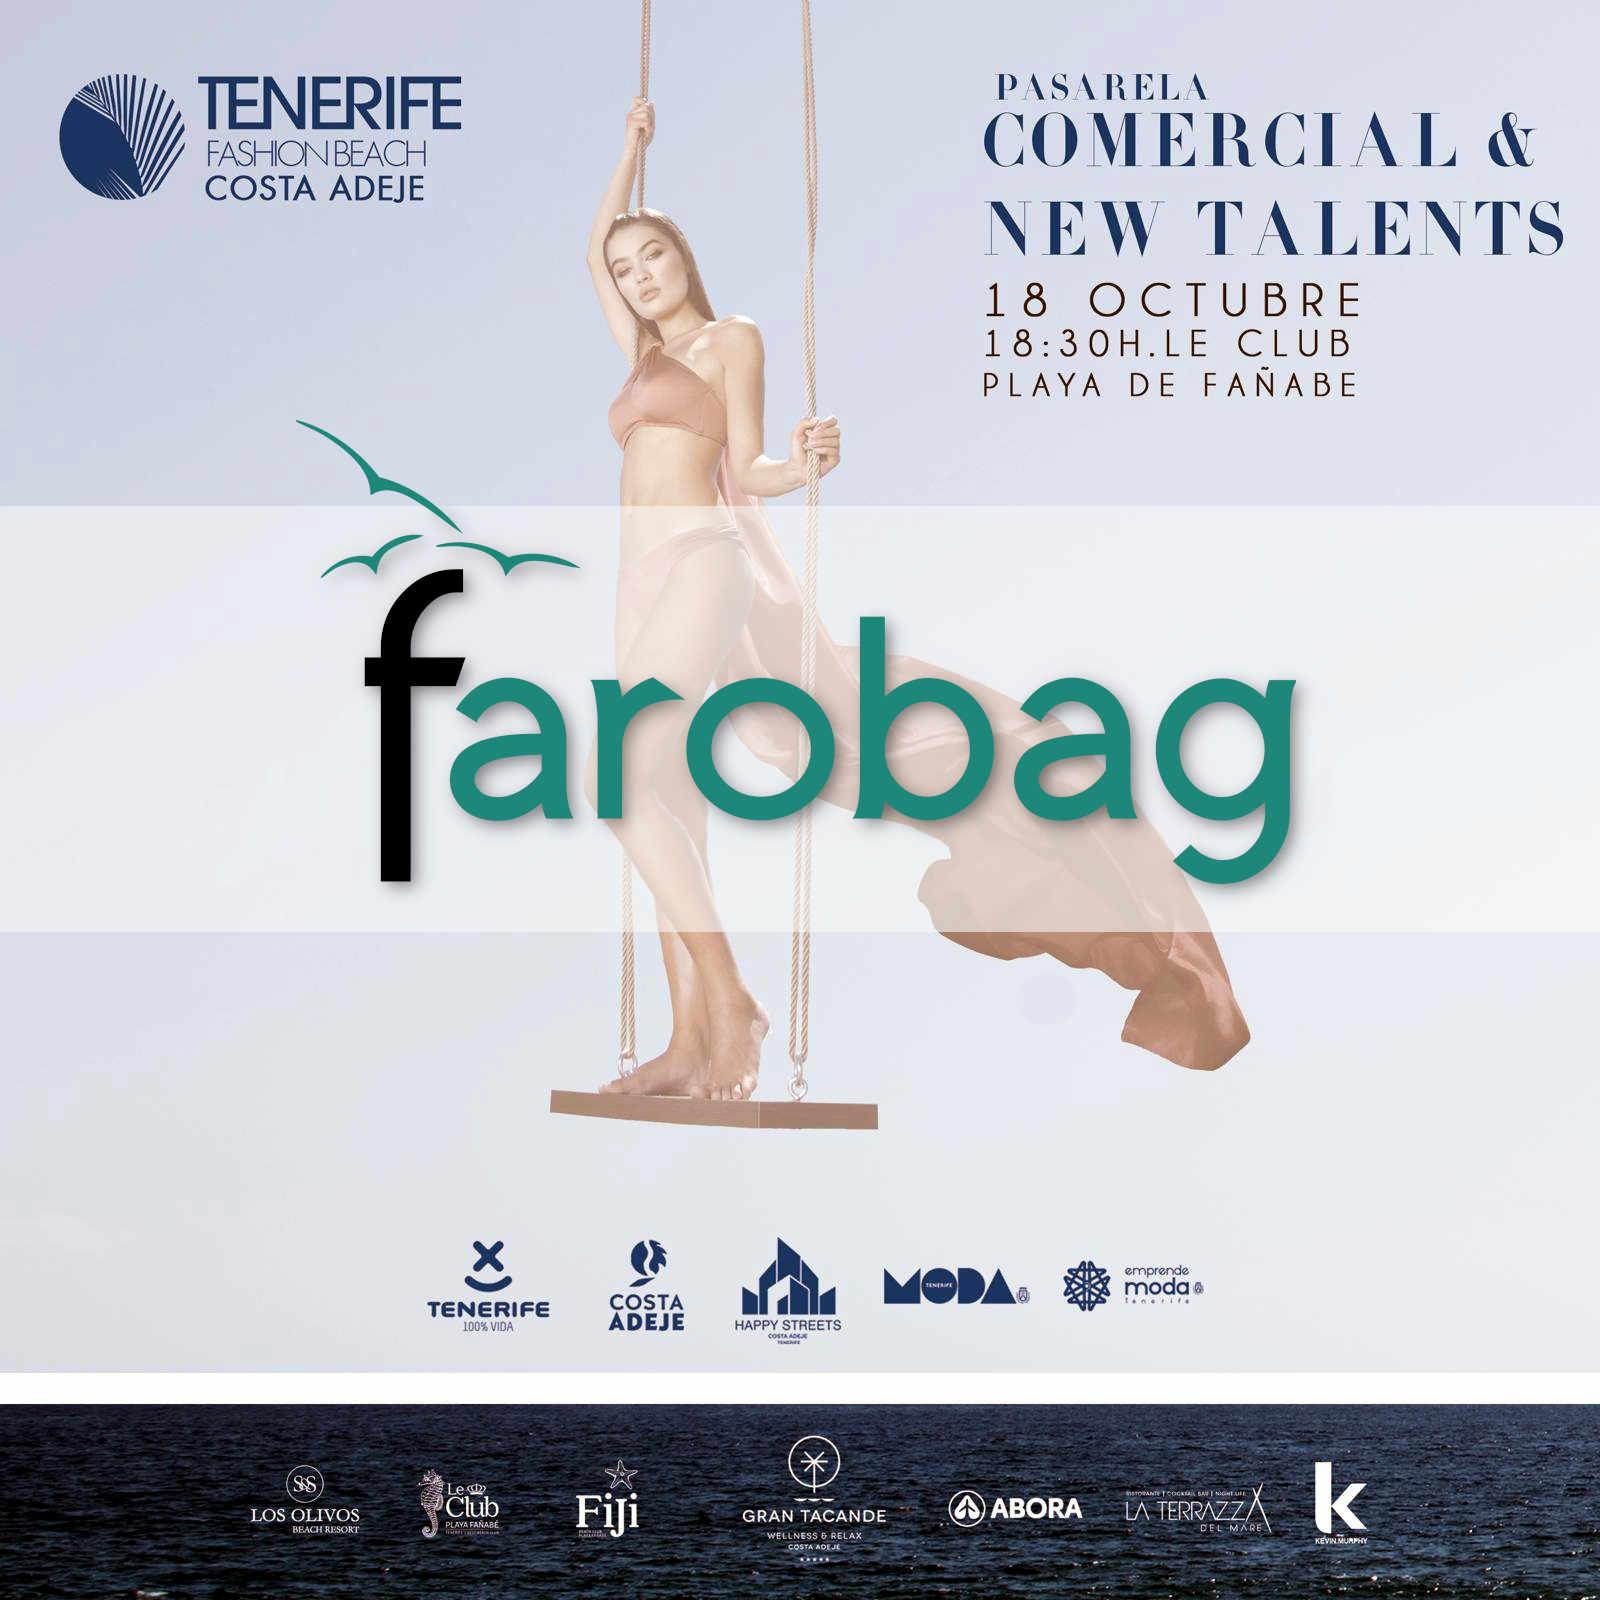 Cartel de la pasarela comercial de la Tenerife Fashion Beach Csta Adeje